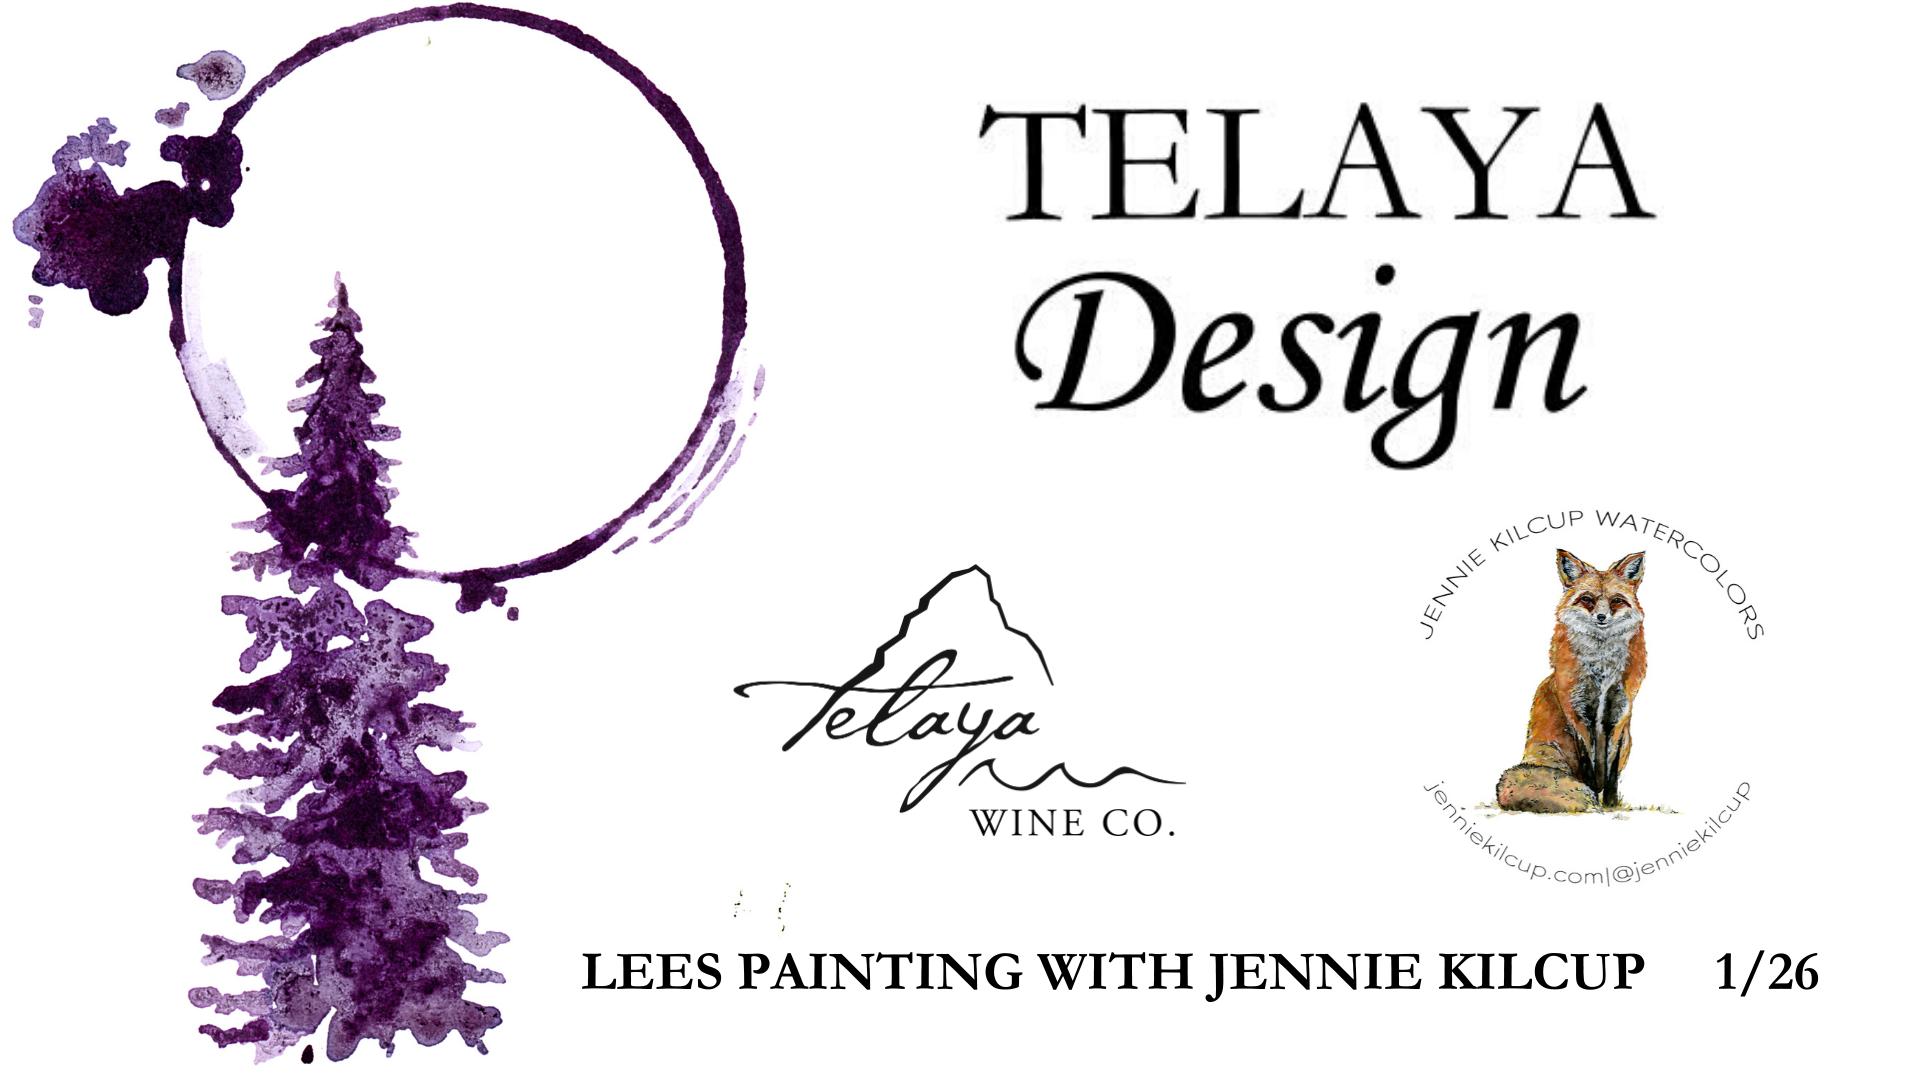 Telaya Design: Lees Painting with Jennie Kilcup